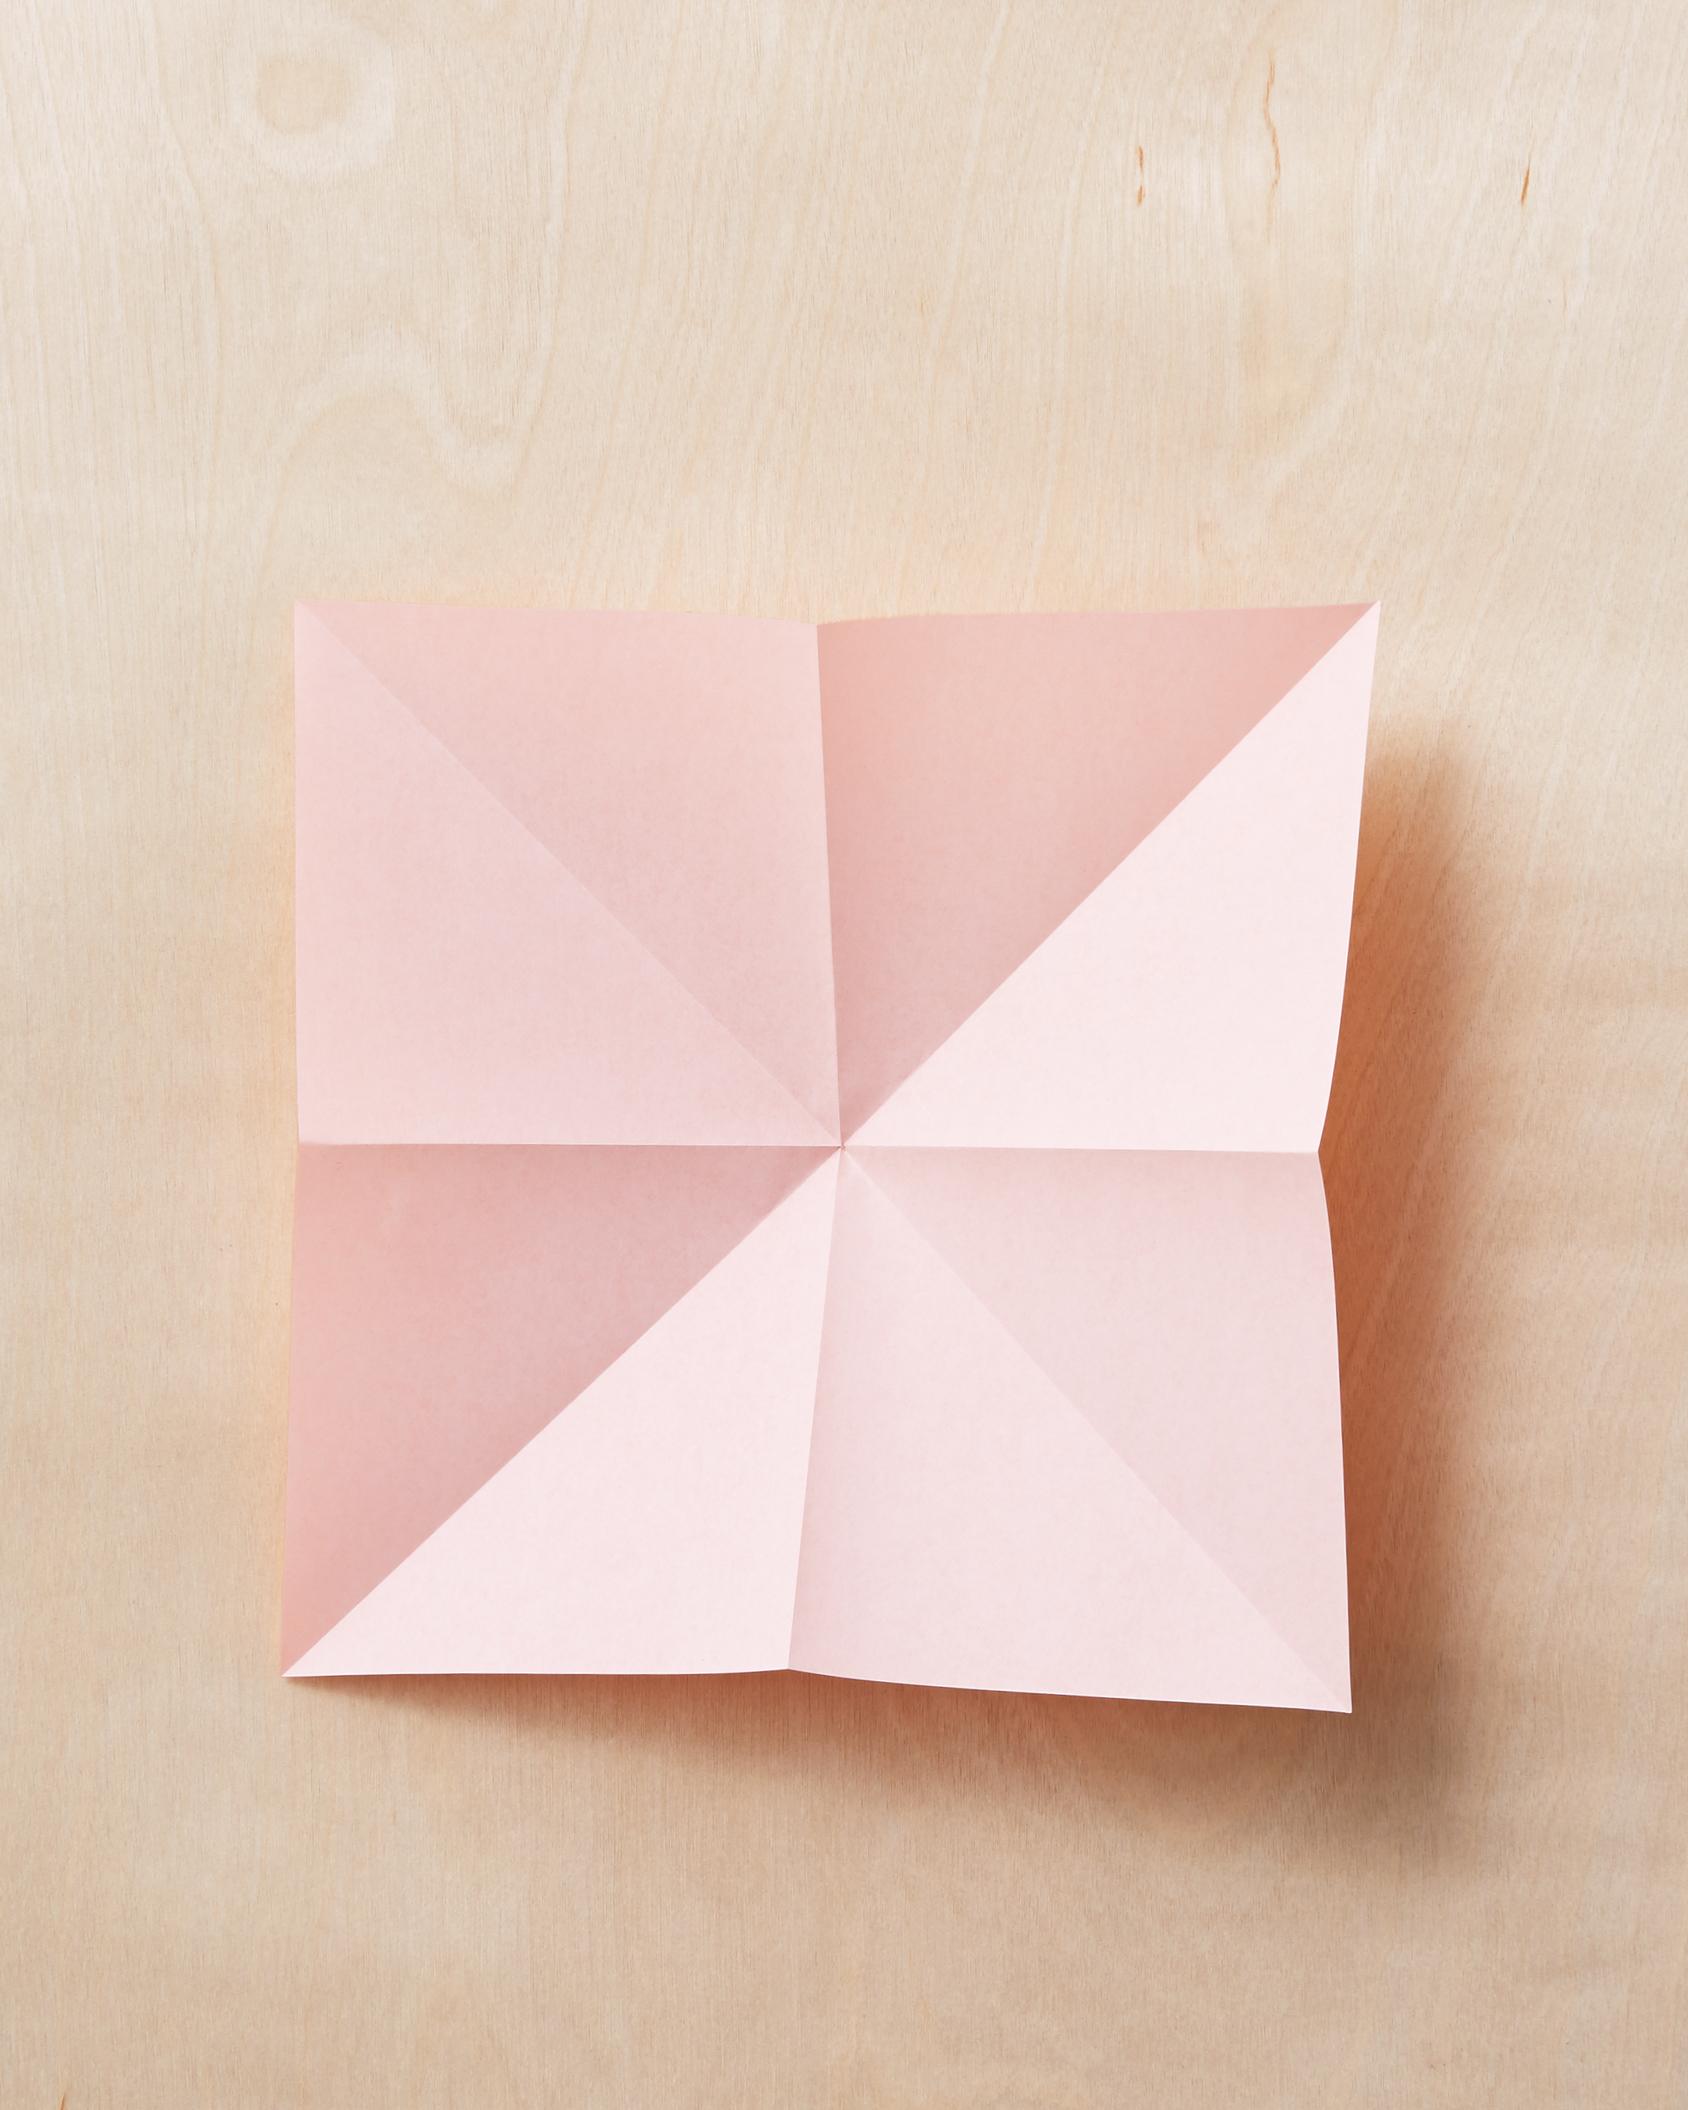 origami-bow-1-184-mwd110795.jpg